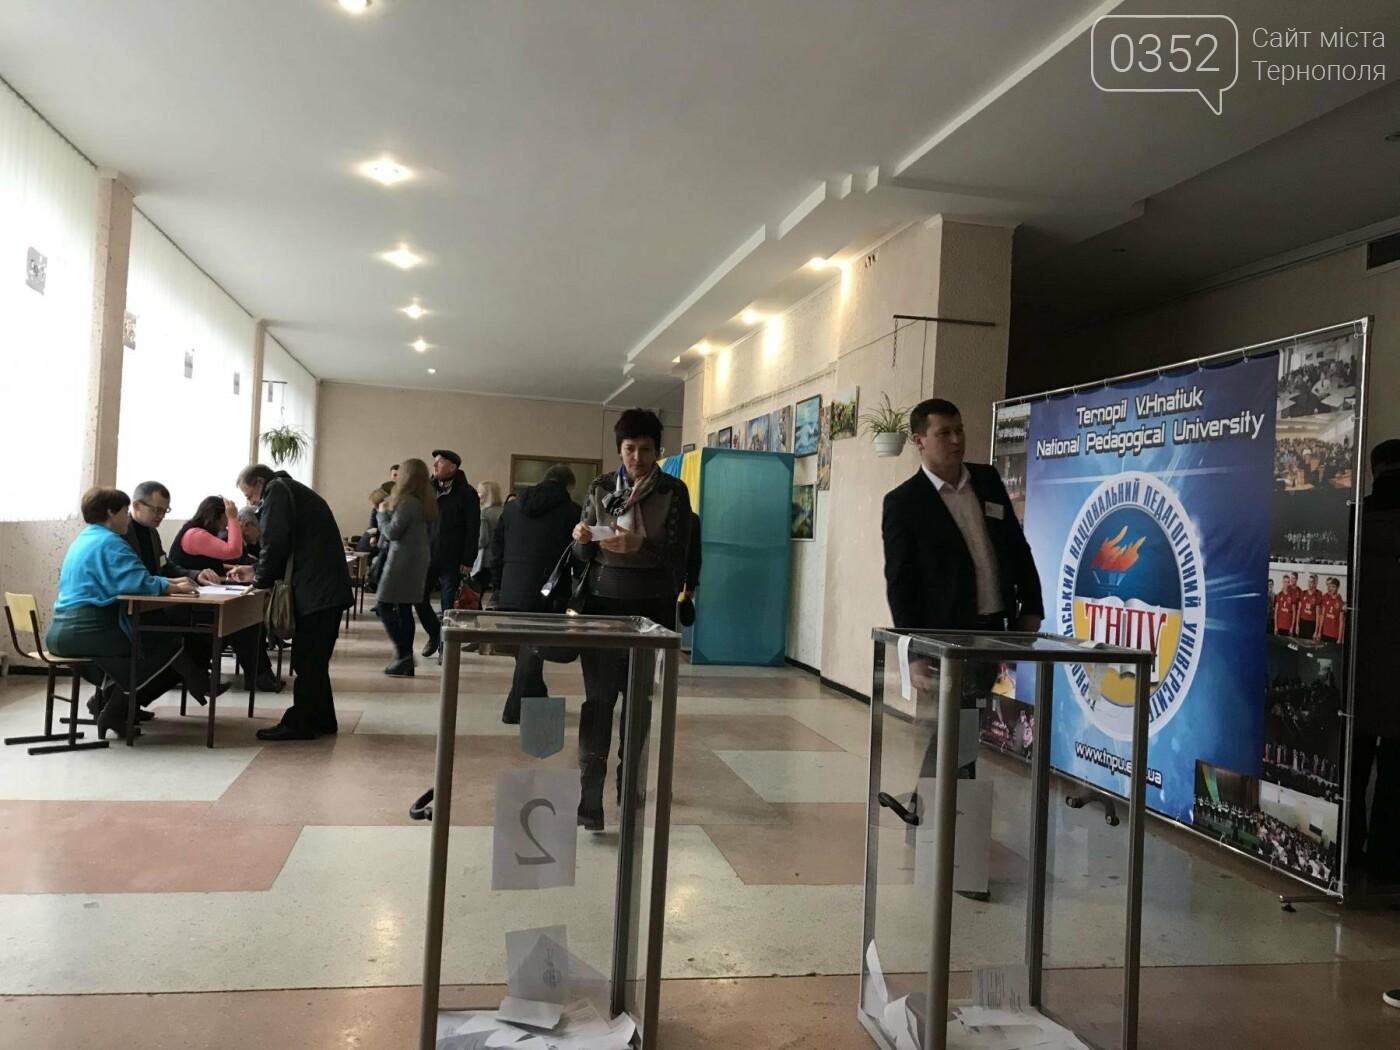 У Тернополі сьогодні відбуваються вибори (Фото), фото-1